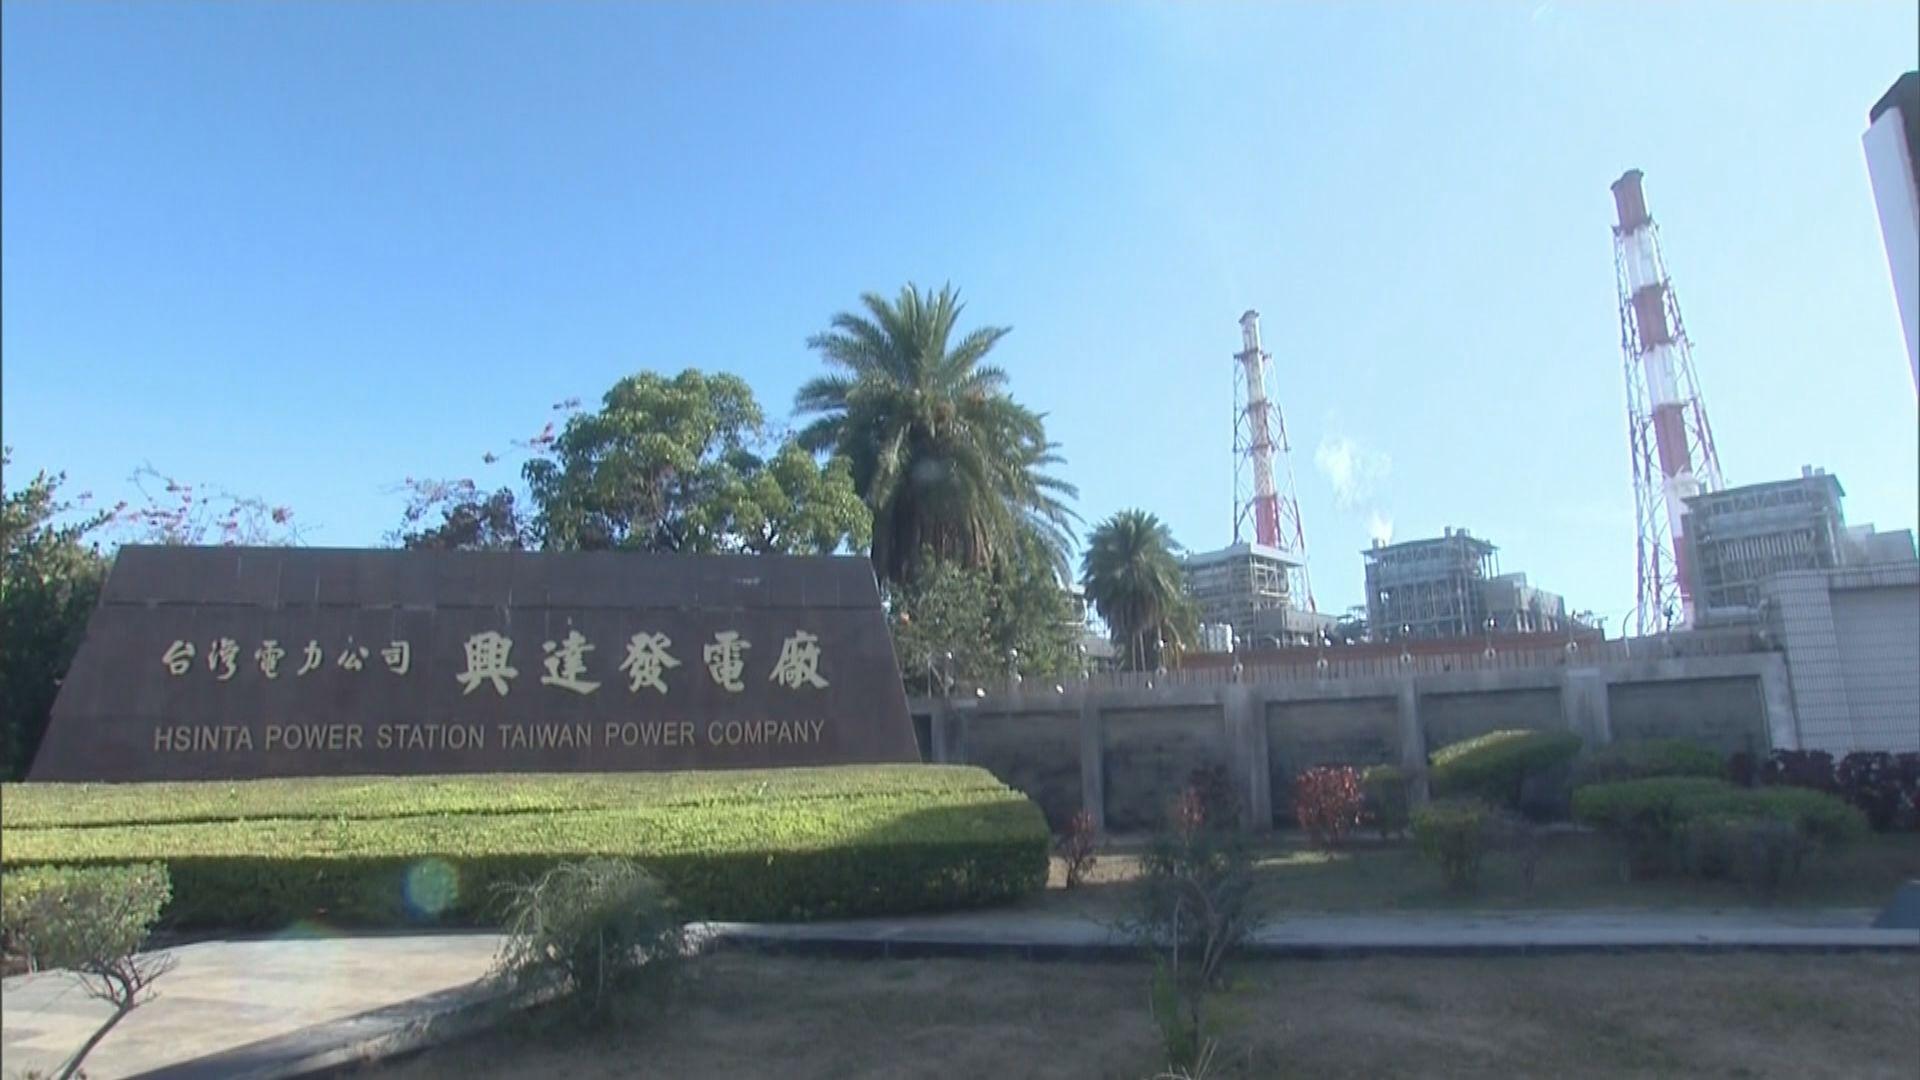 【台灣停電】興達發電廠啟用近四十年 當局曾承諾舊有機組會提前退役